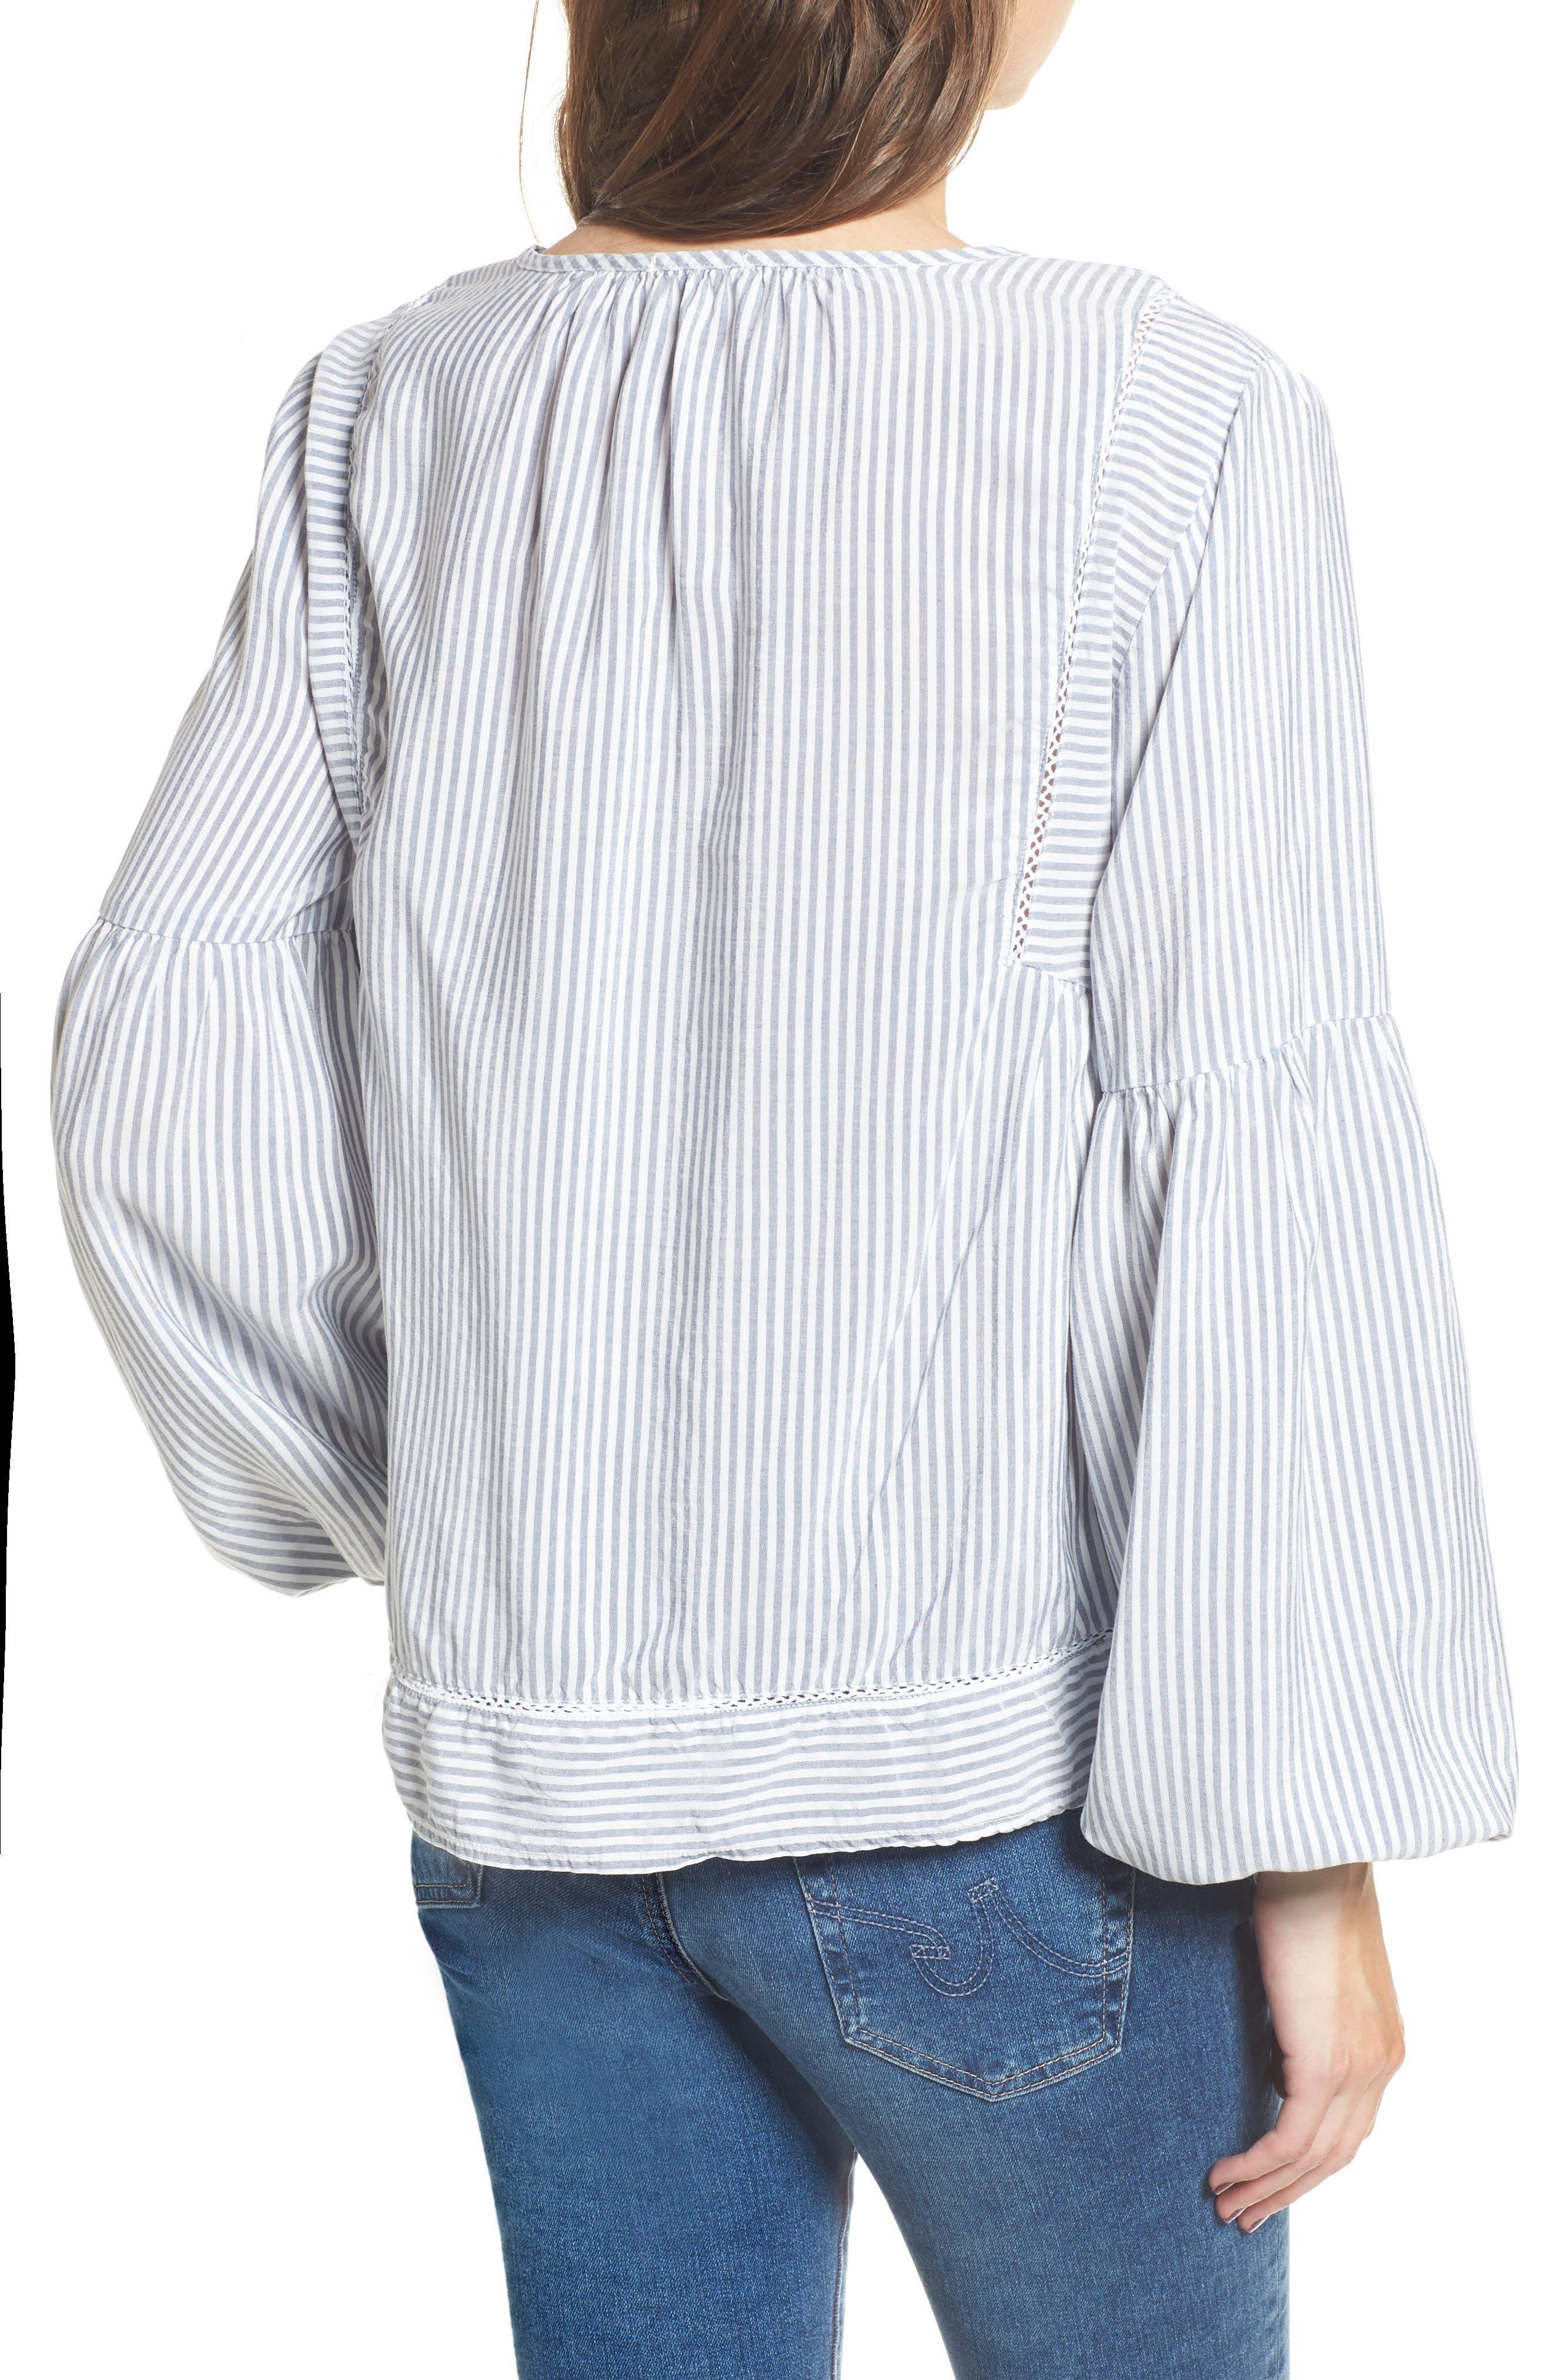 Tassel Shirt,                             Alternate thumbnail 2, color,                             Med Wash